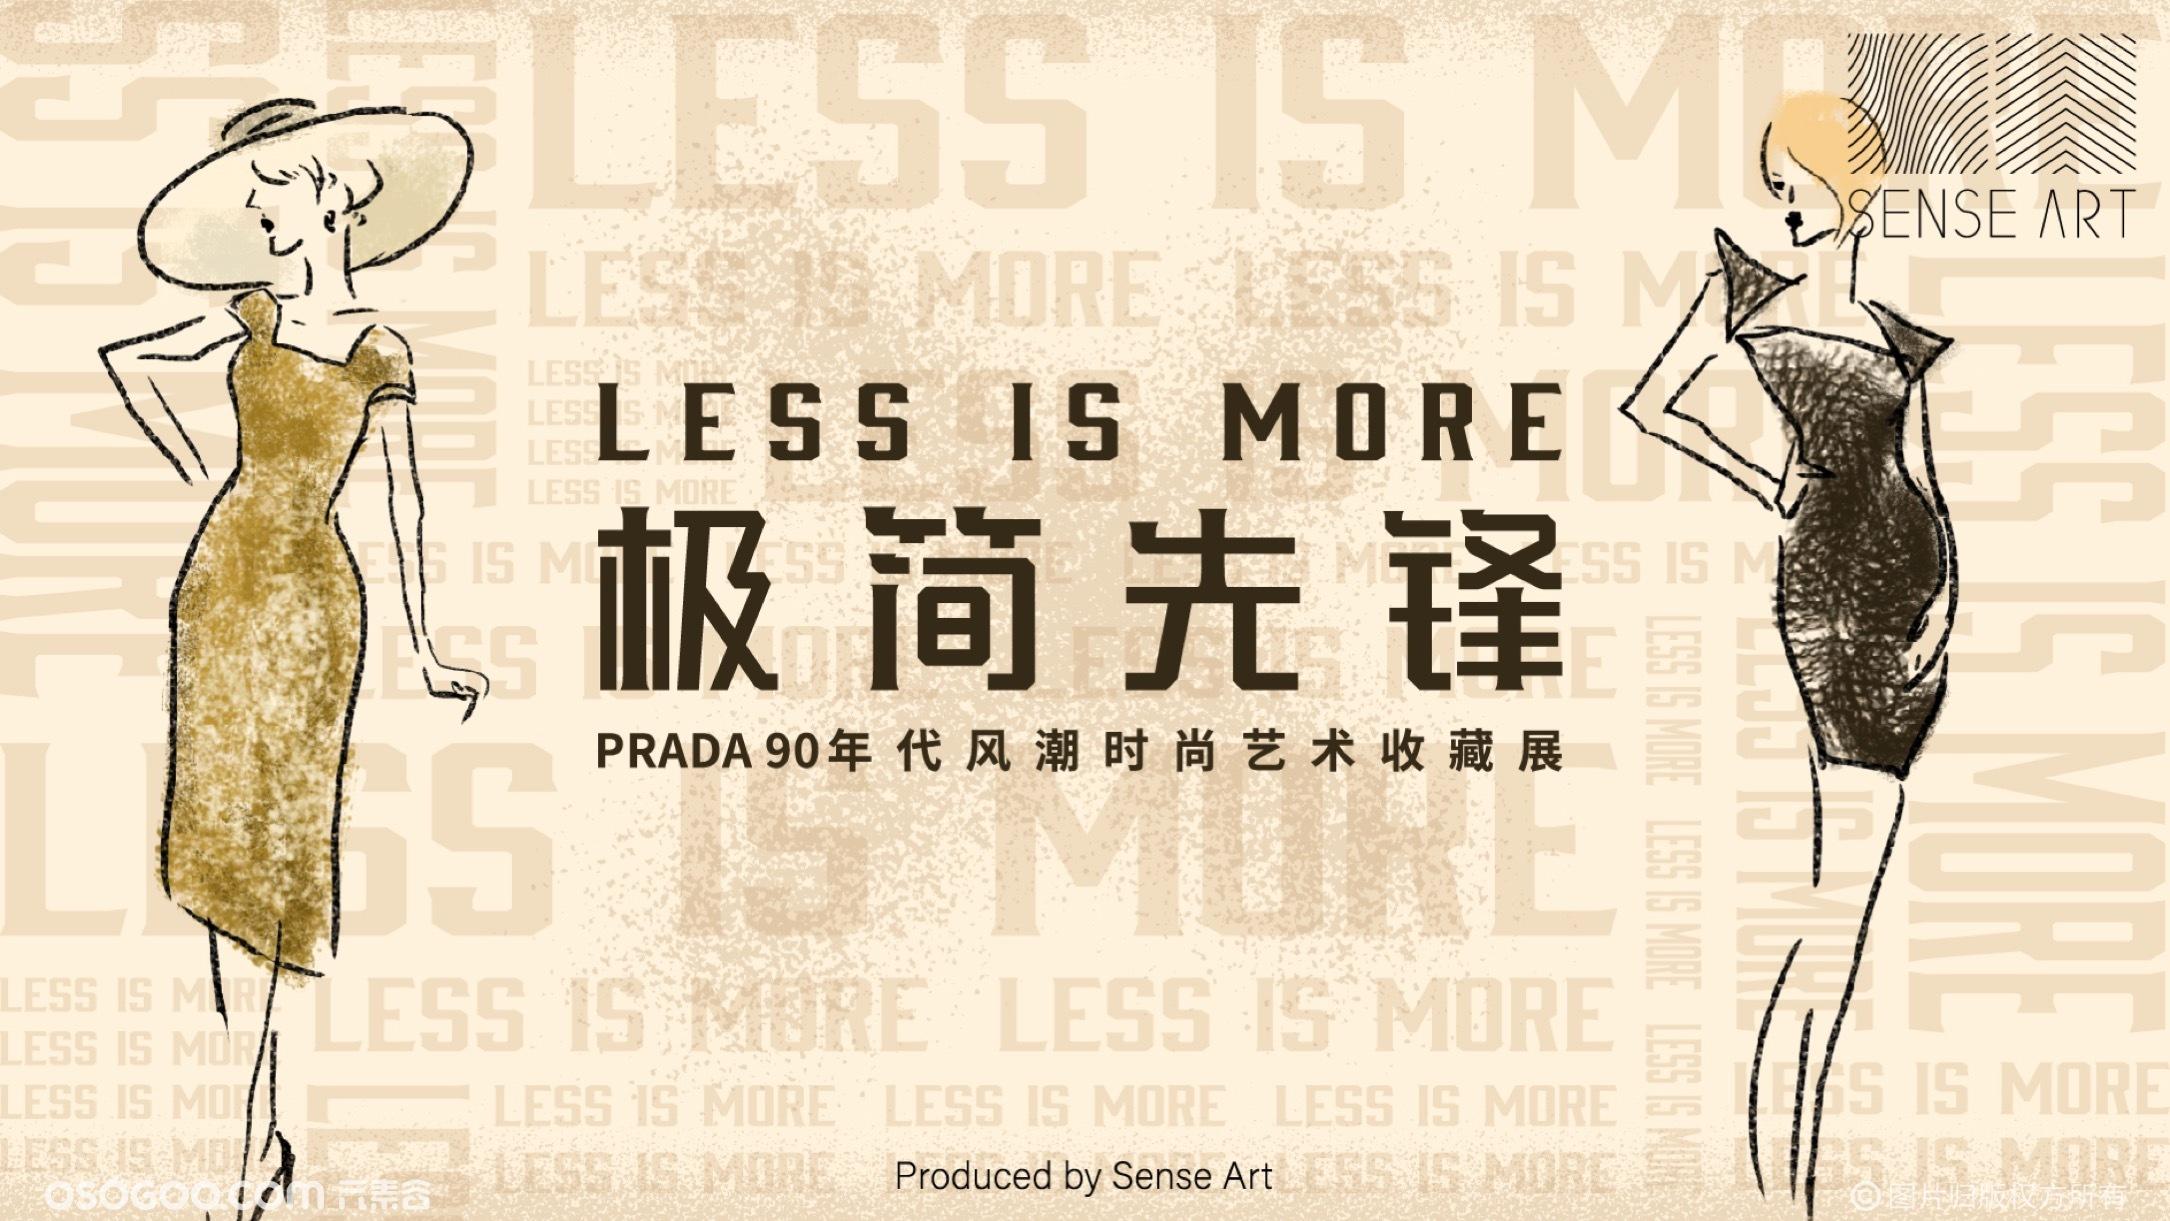 【极简先锋】PRADA1990s年代风潮时尚艺术收藏展